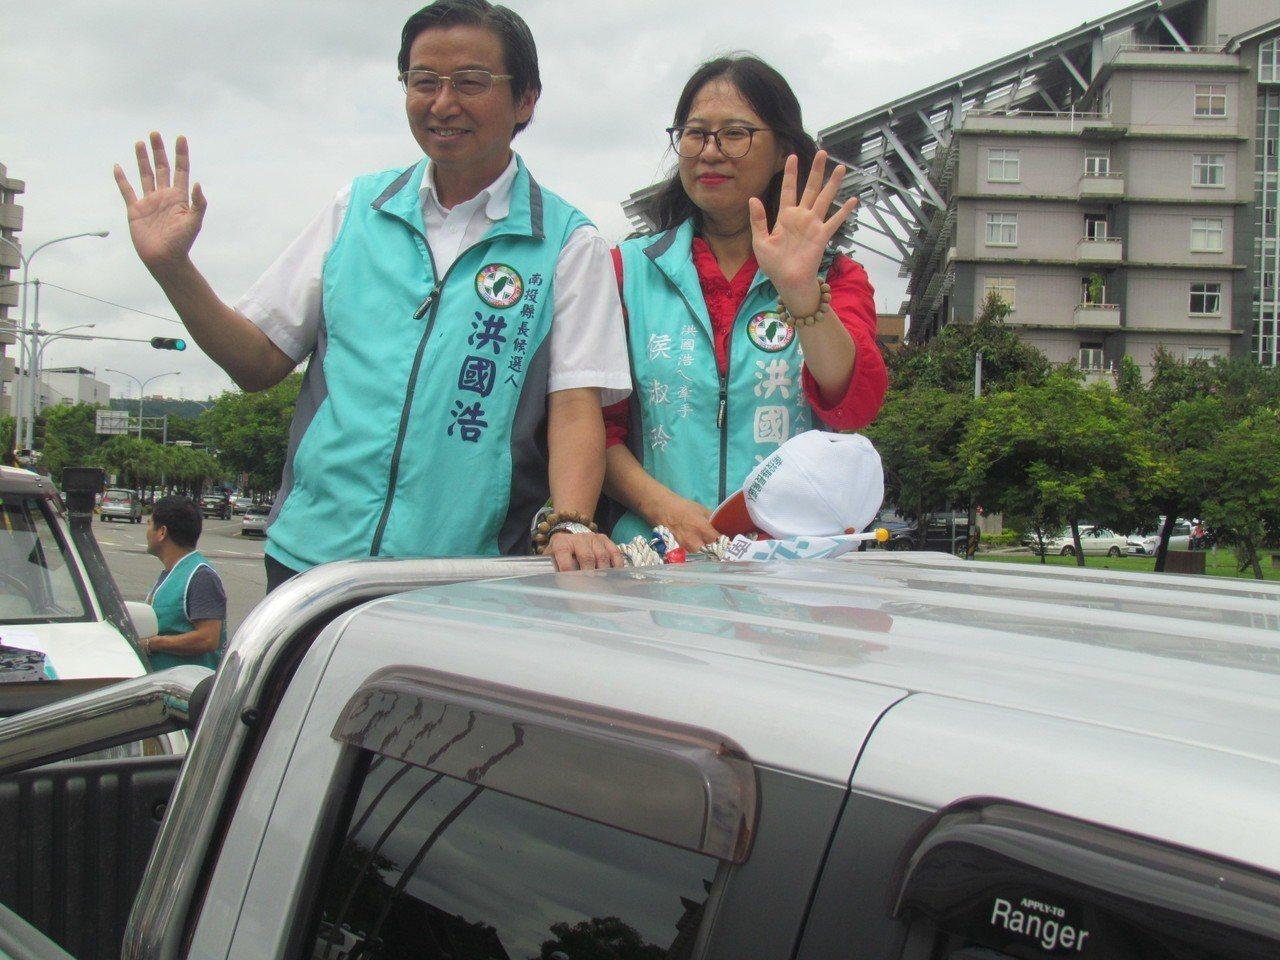 民進黨南投縣長參選人洪國浩由妻子陪同完成登記。記者張家樂/攝影